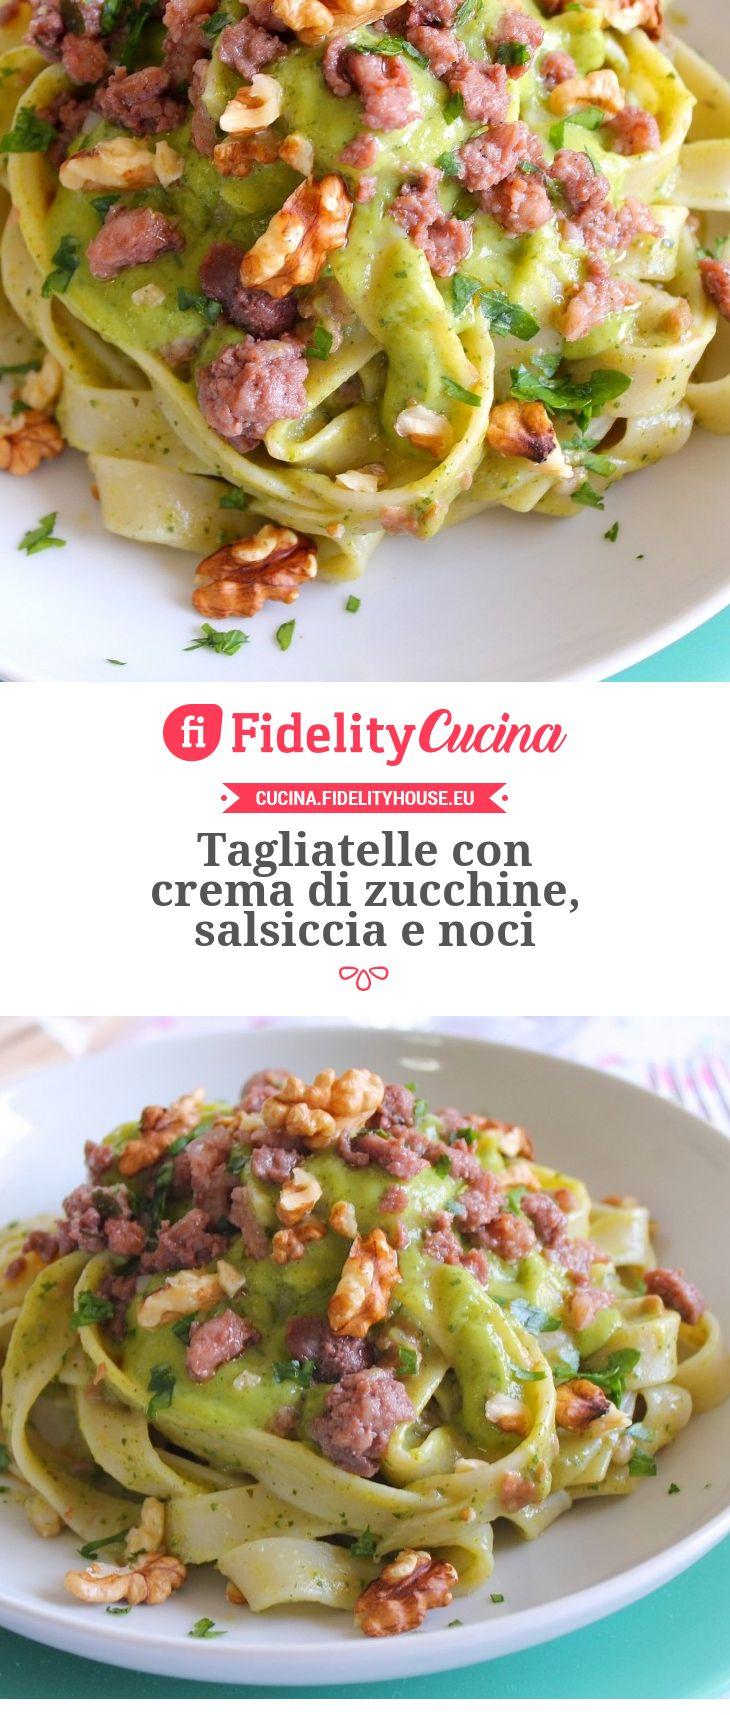 e3baac5c28cfed88013abe8d7c0c55f6 - Pasta Con Zucchine Ricette